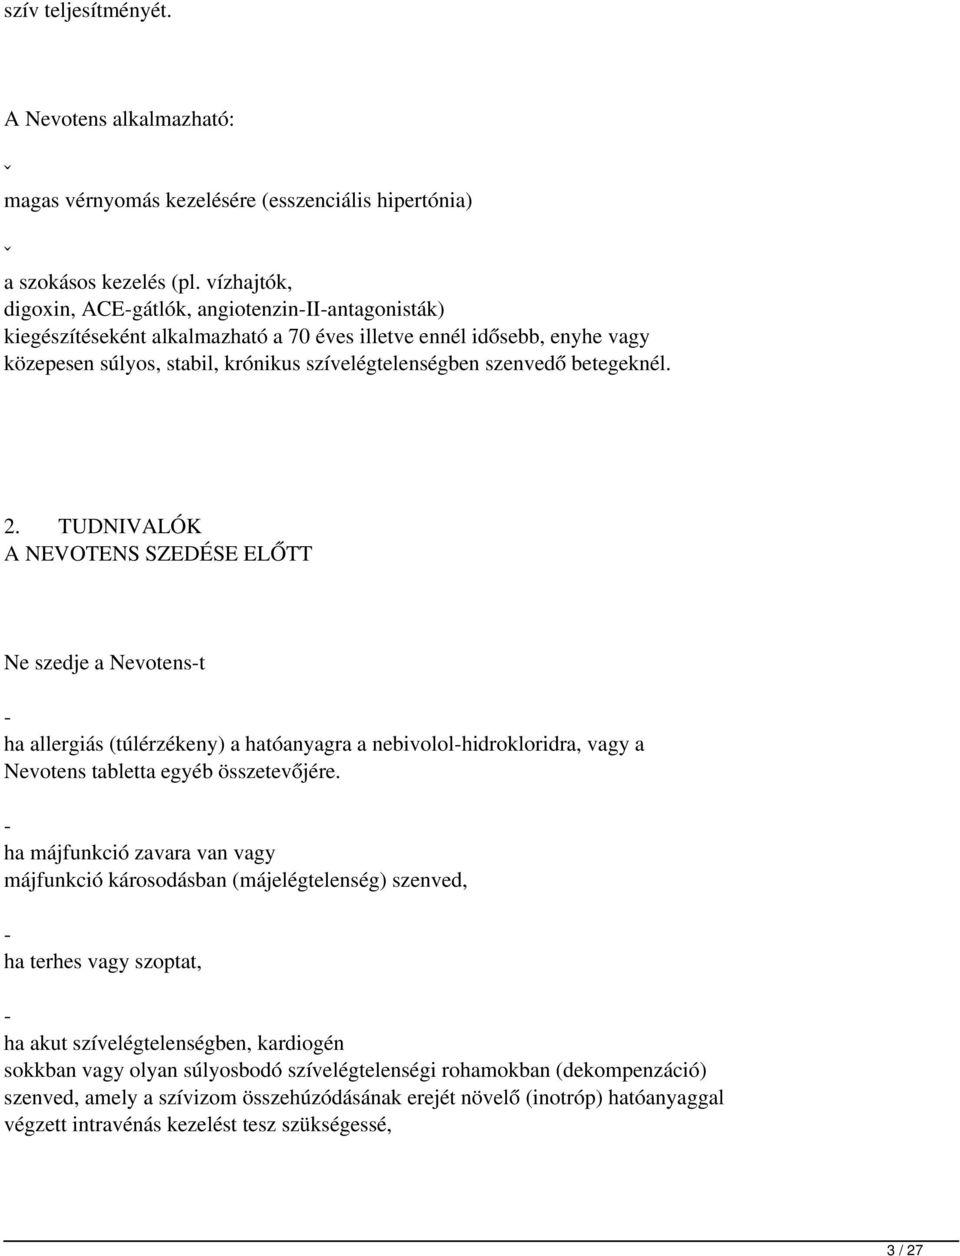 PORTIRON 50 mg filmtabletta - Gyógyszerkereső - EgészségKalauz